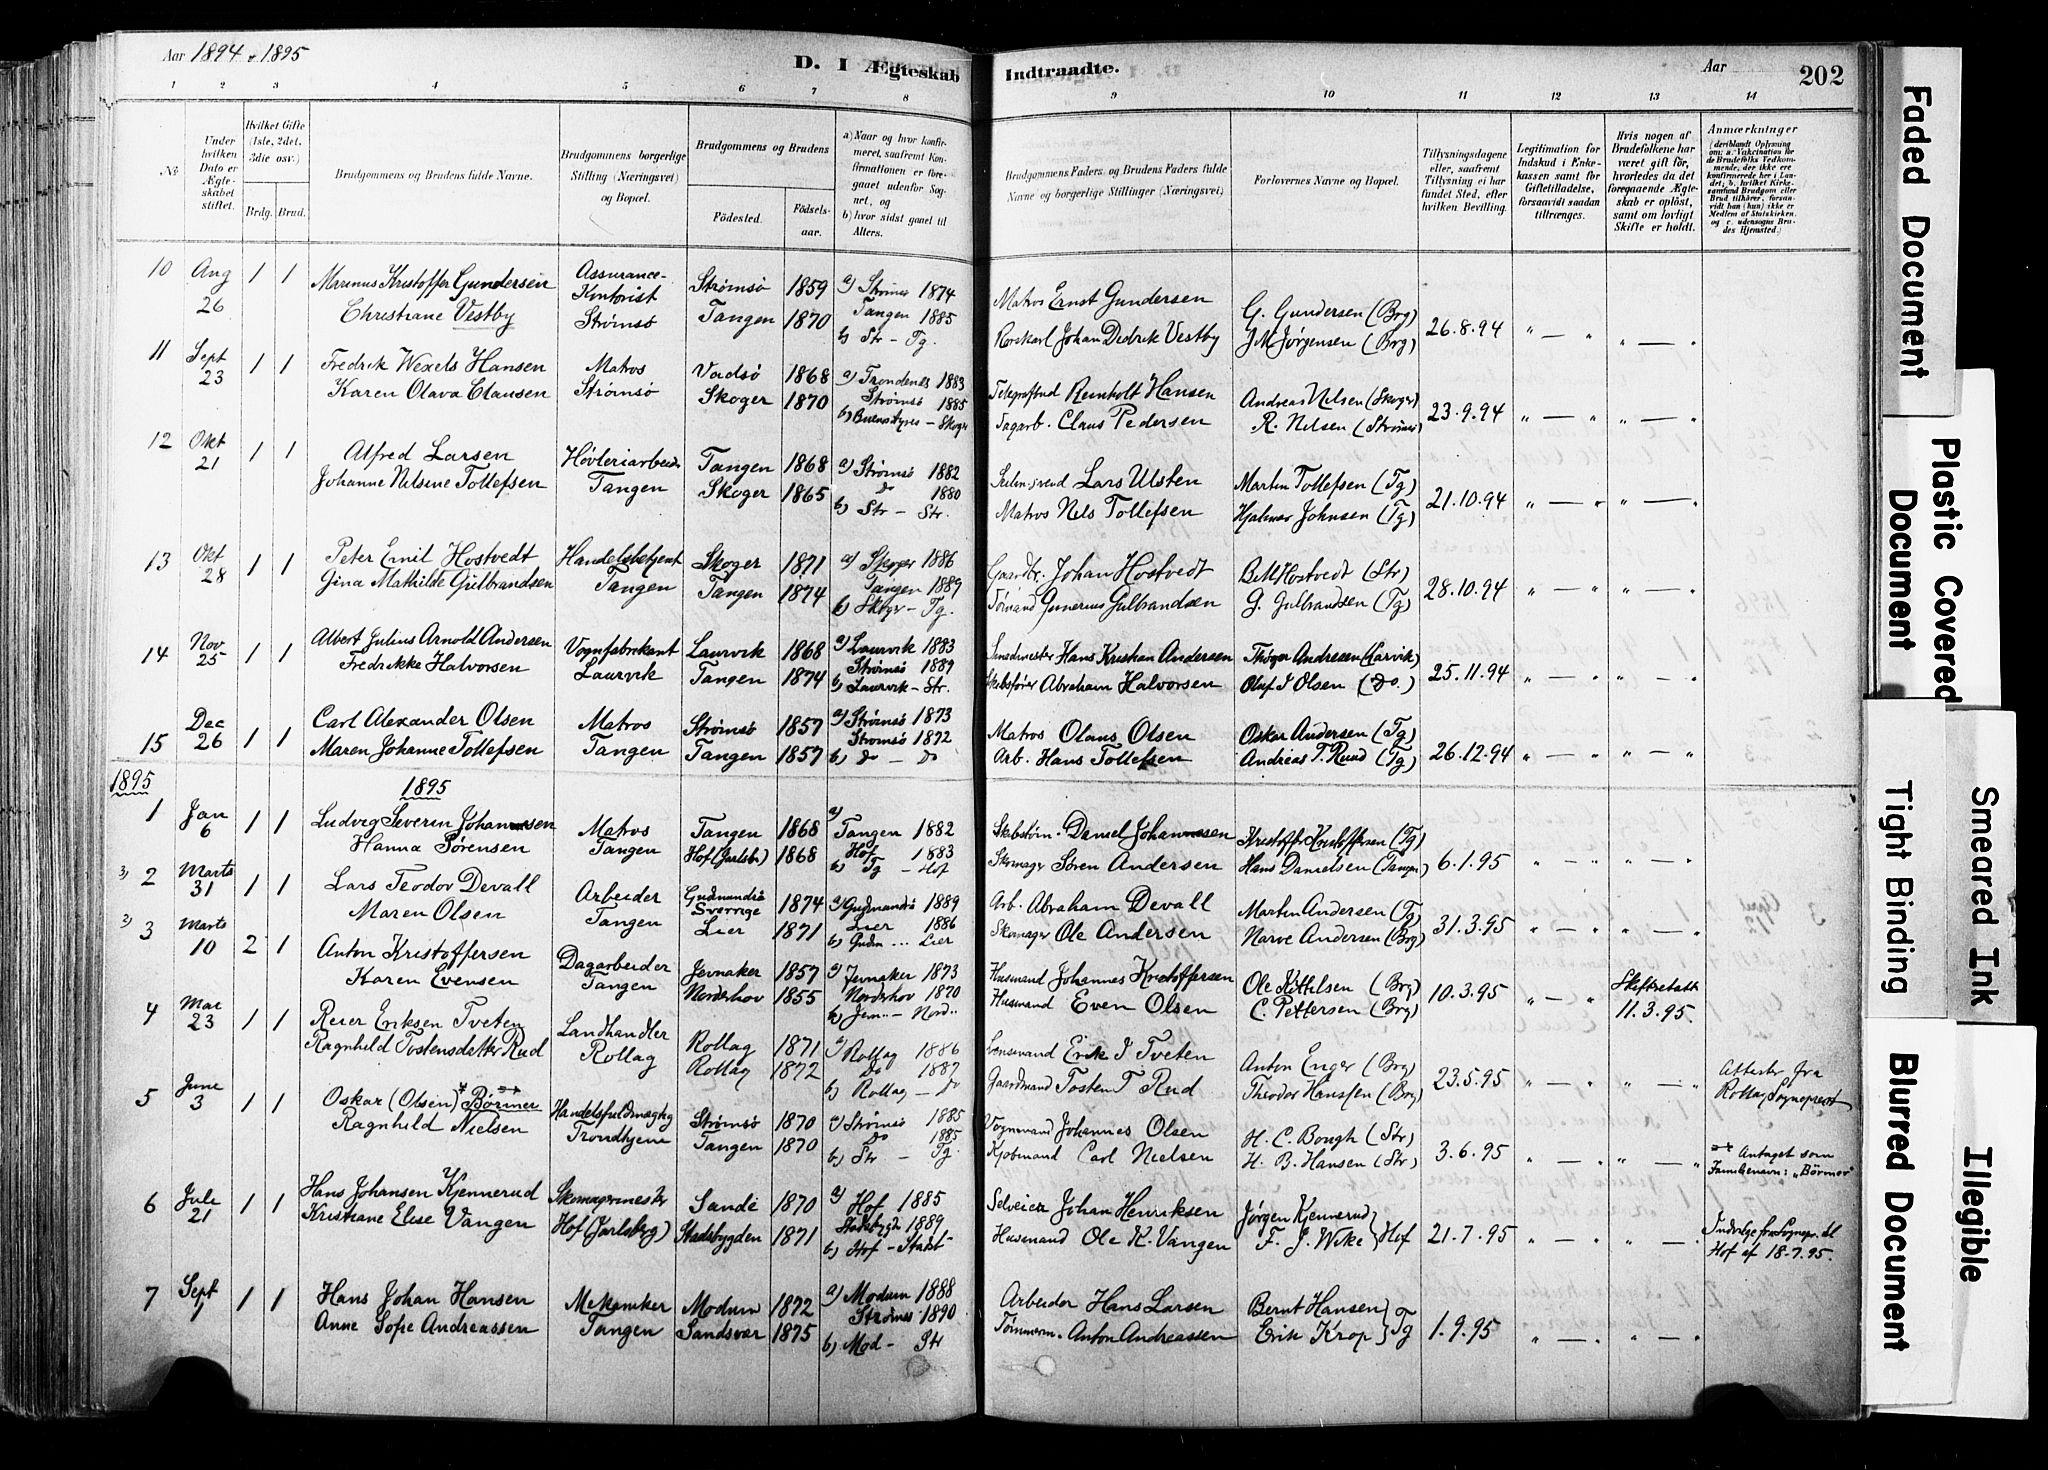 SAKO, Strømsø kirkebøker, F/Fb/L0006: Ministerialbok nr. II 6, 1879-1910, s. 202